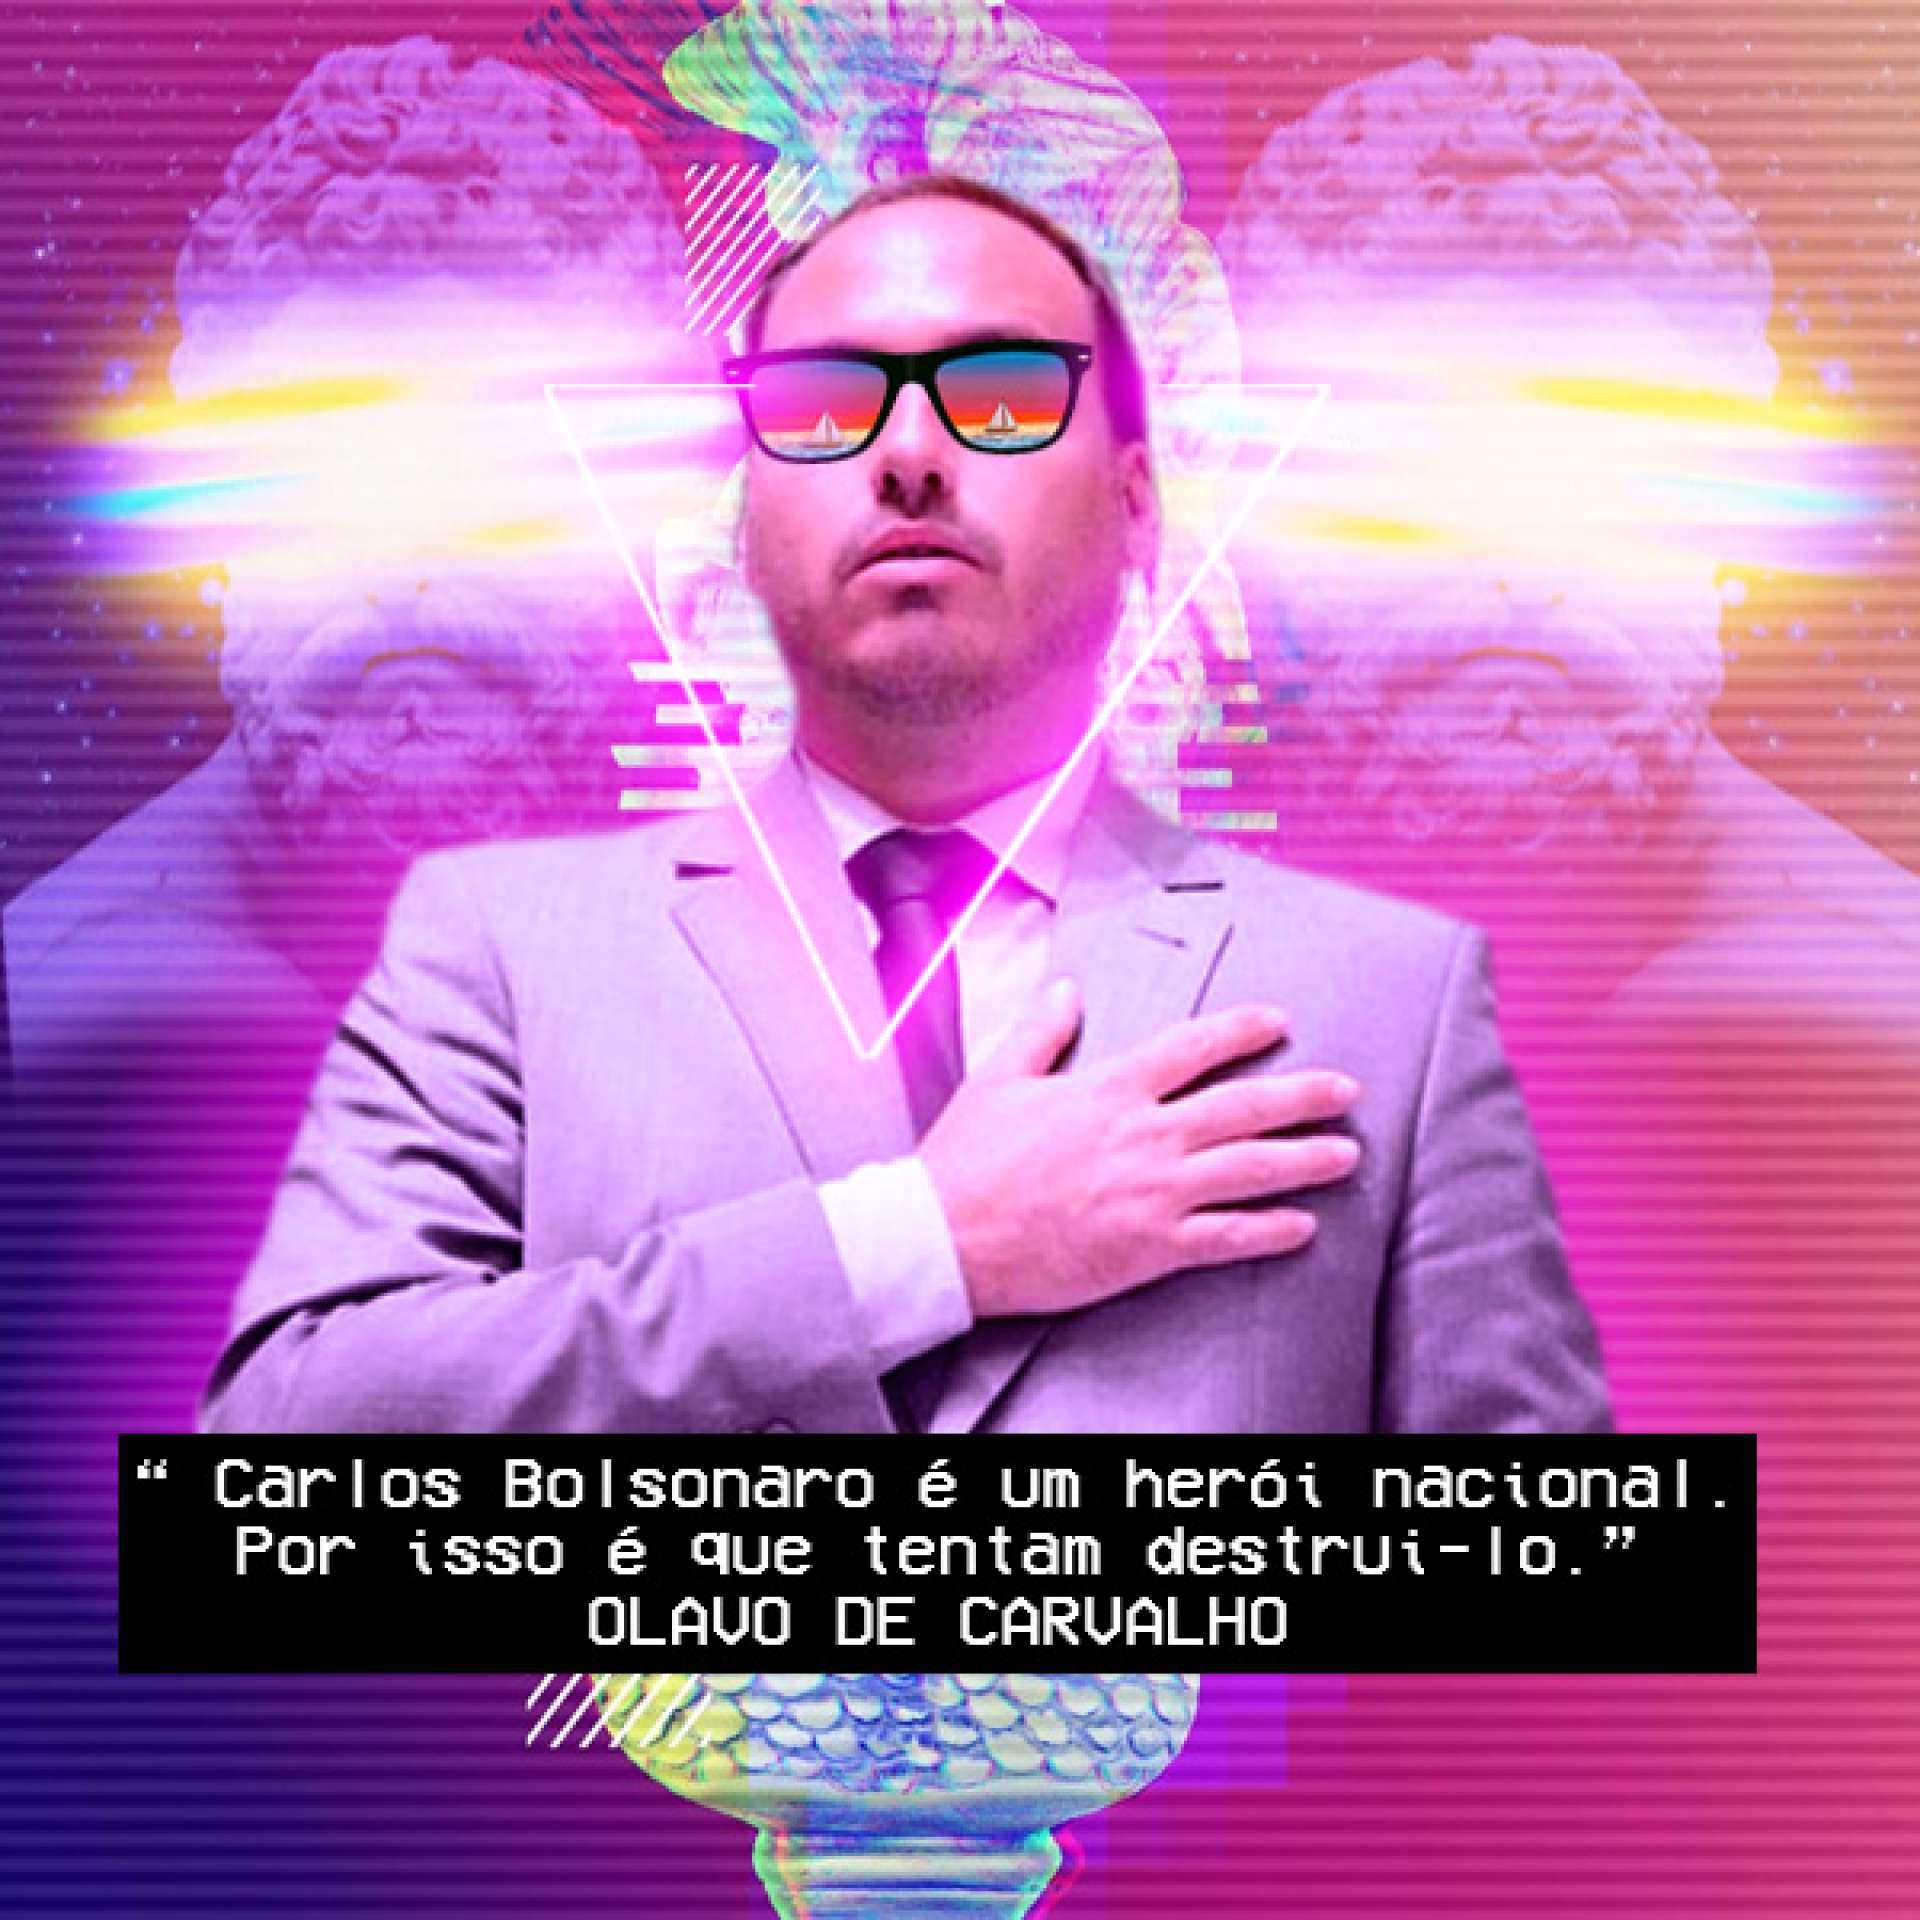 Postagem atribuída a Guilherme Julian mostrando, com estética vaporwave, elogios de Olavo de Carvalho a Carlos Bolsonaro